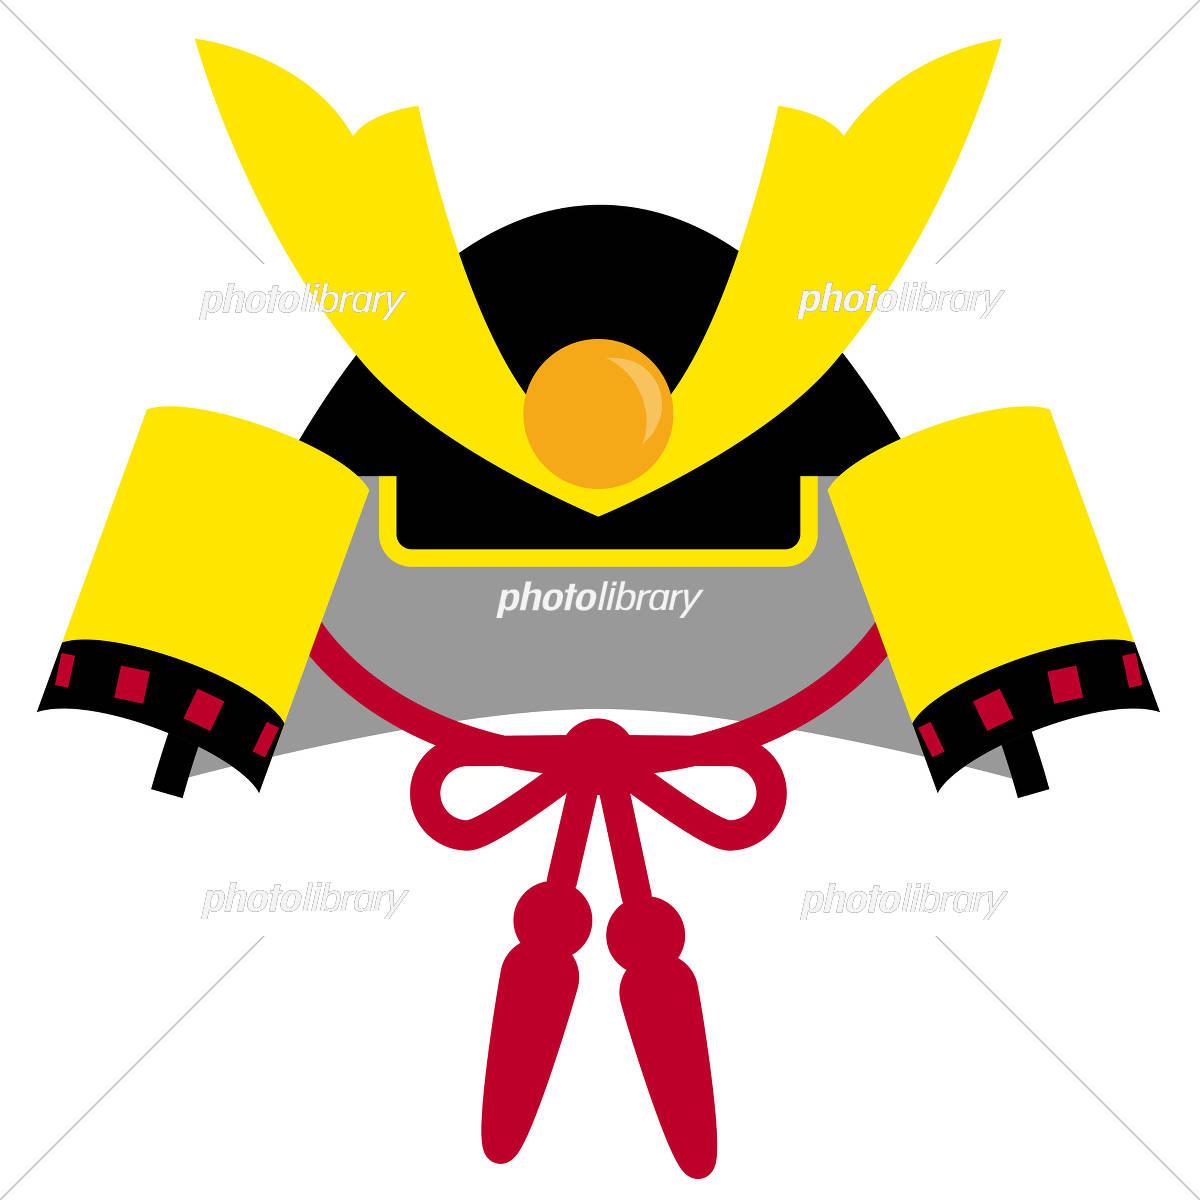 鎧兜 端午の節句 イラスト素材 5350227 フォトライブラリー